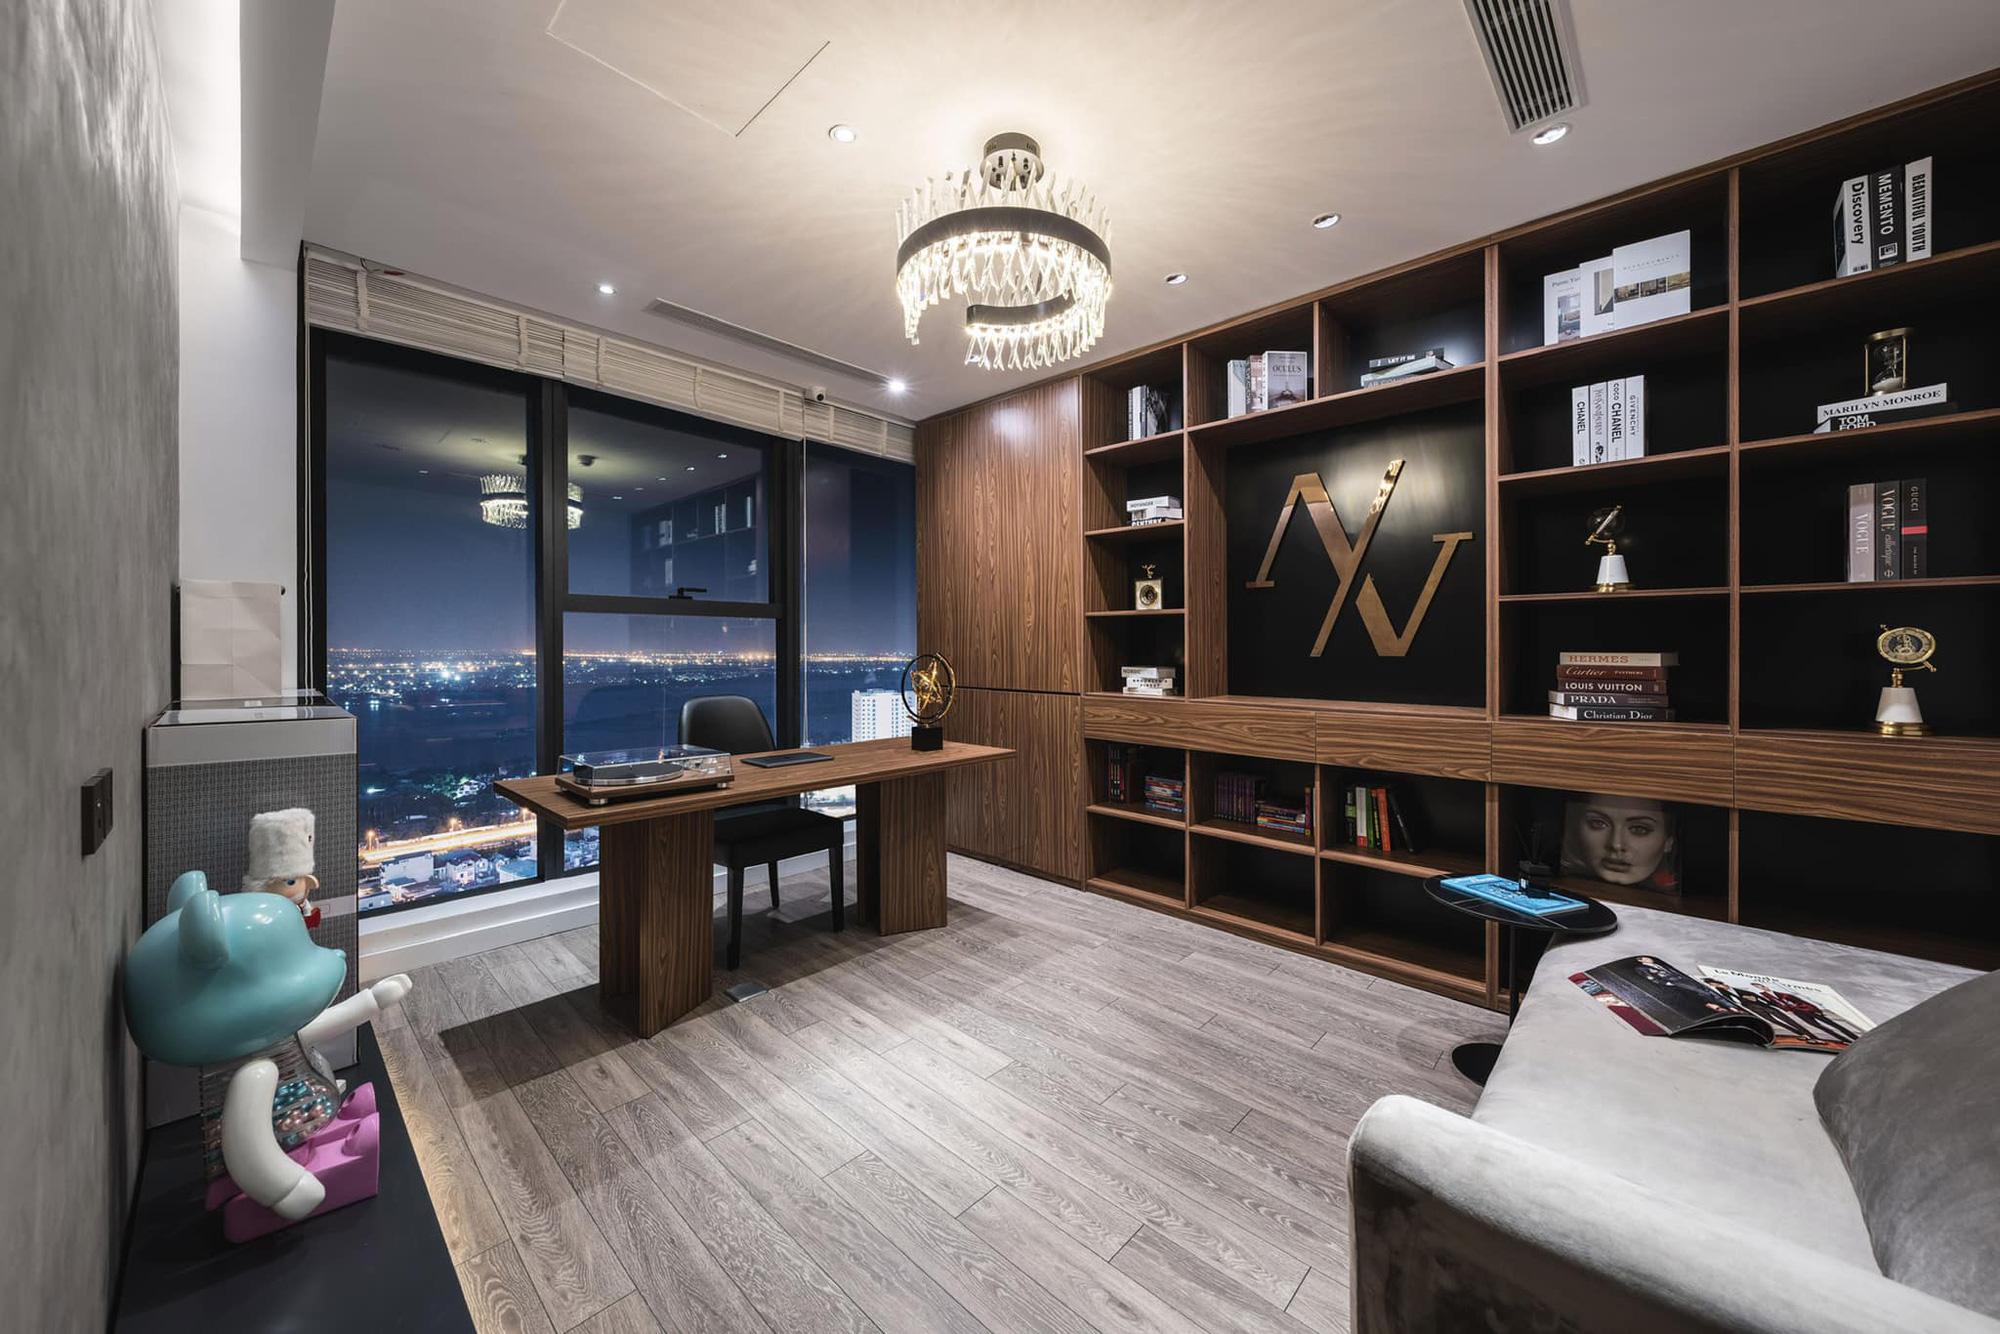 Penthouse 20 tỷ với gam màu đen huyền bí và sang trọng của 9X độc thân: Mạnh tay chốt đơn thiết kế lên tới 6 tỷ - Ảnh 12.